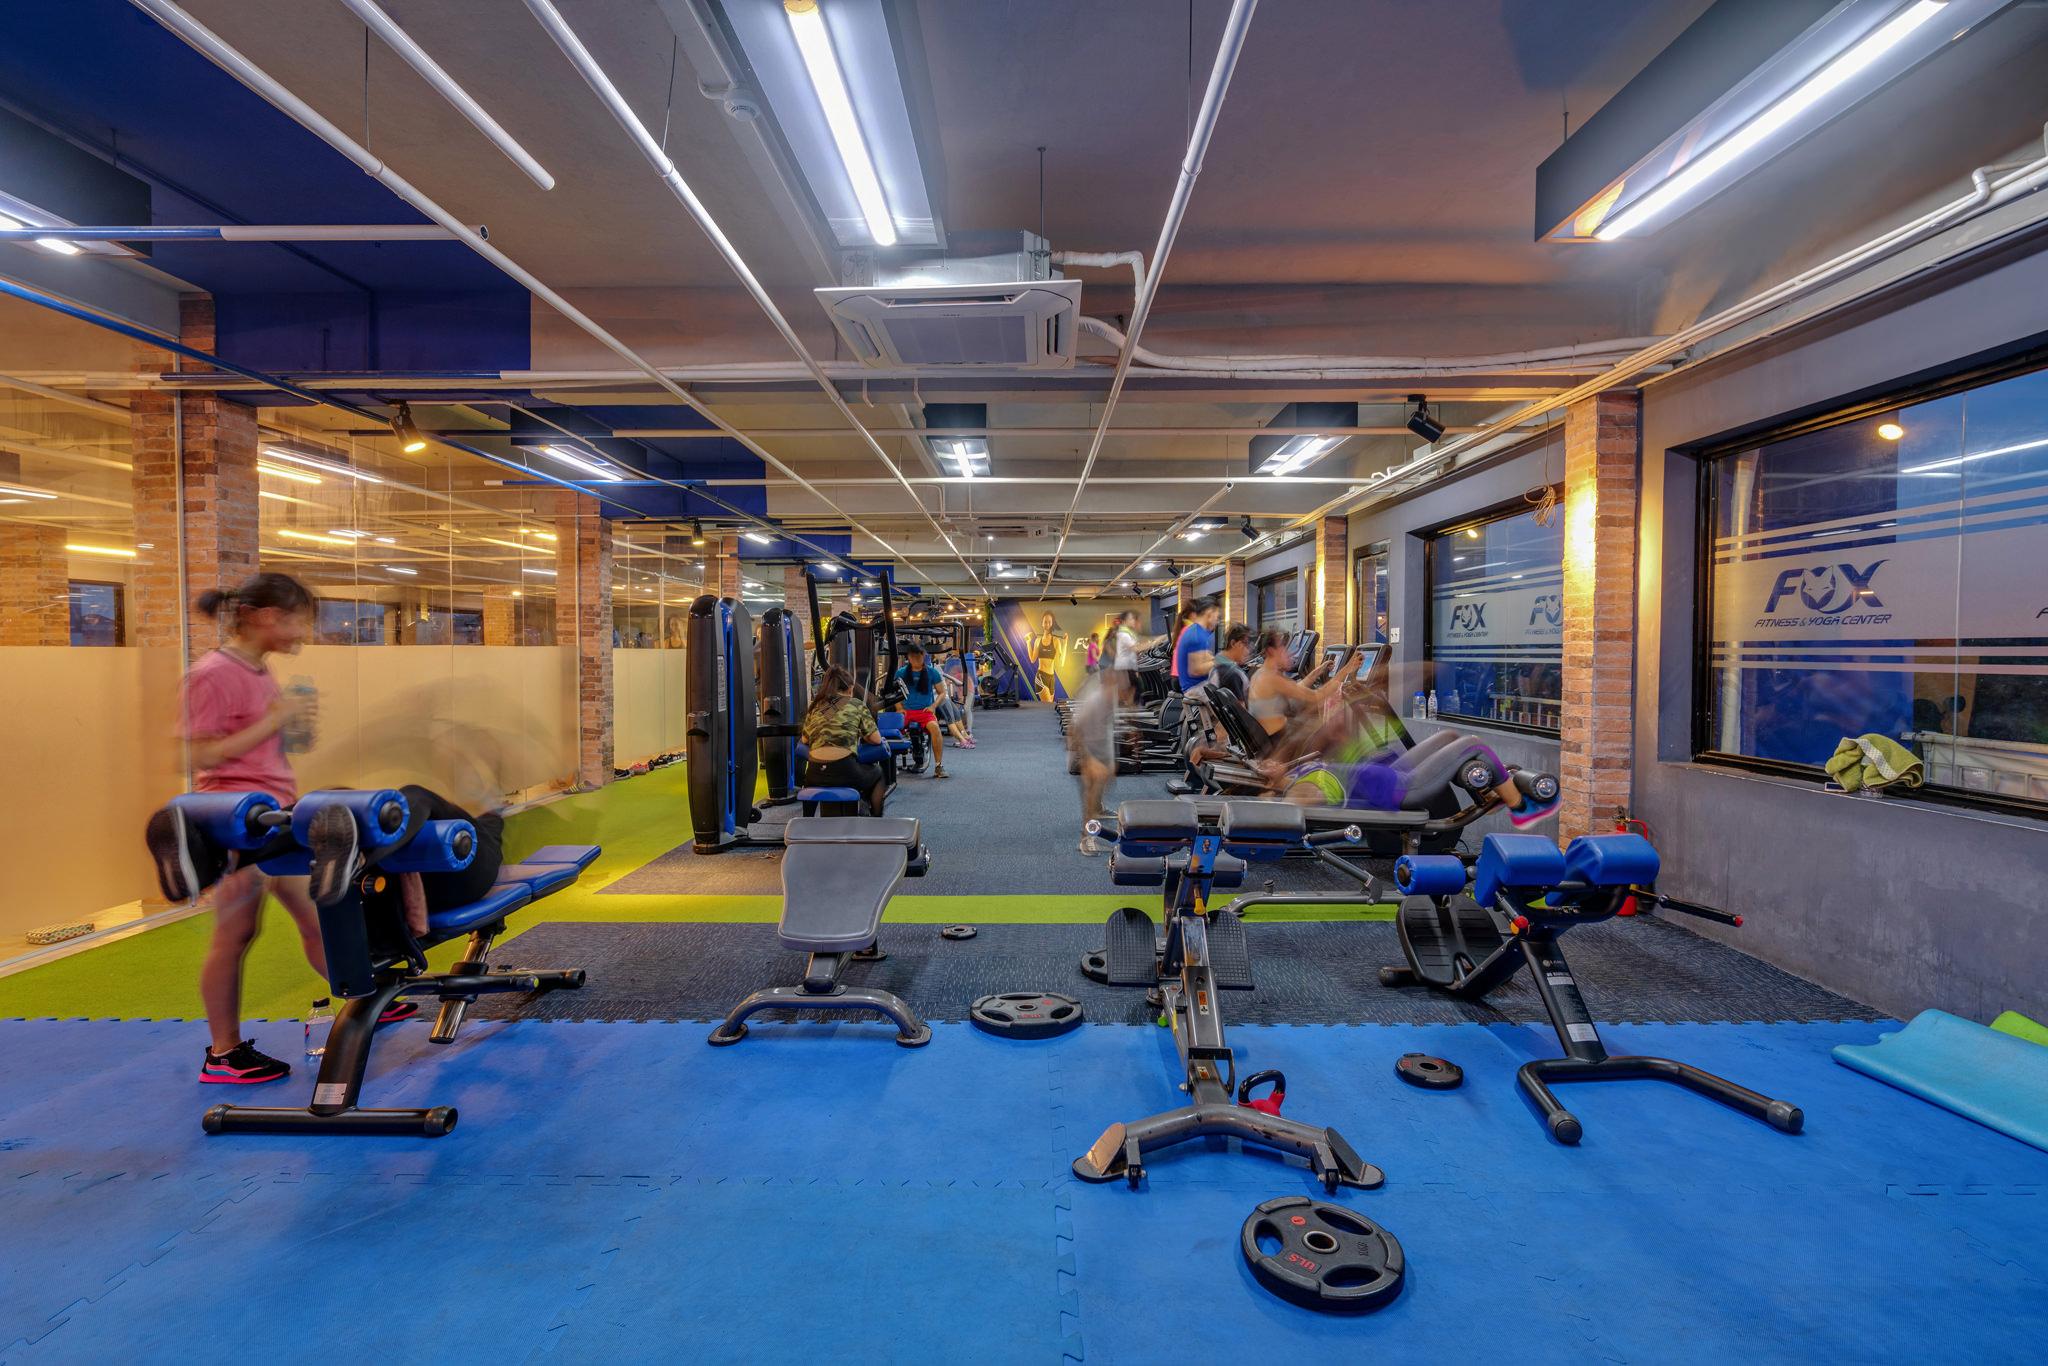 20180504 - Fox fitness - Interior - 40.jpg